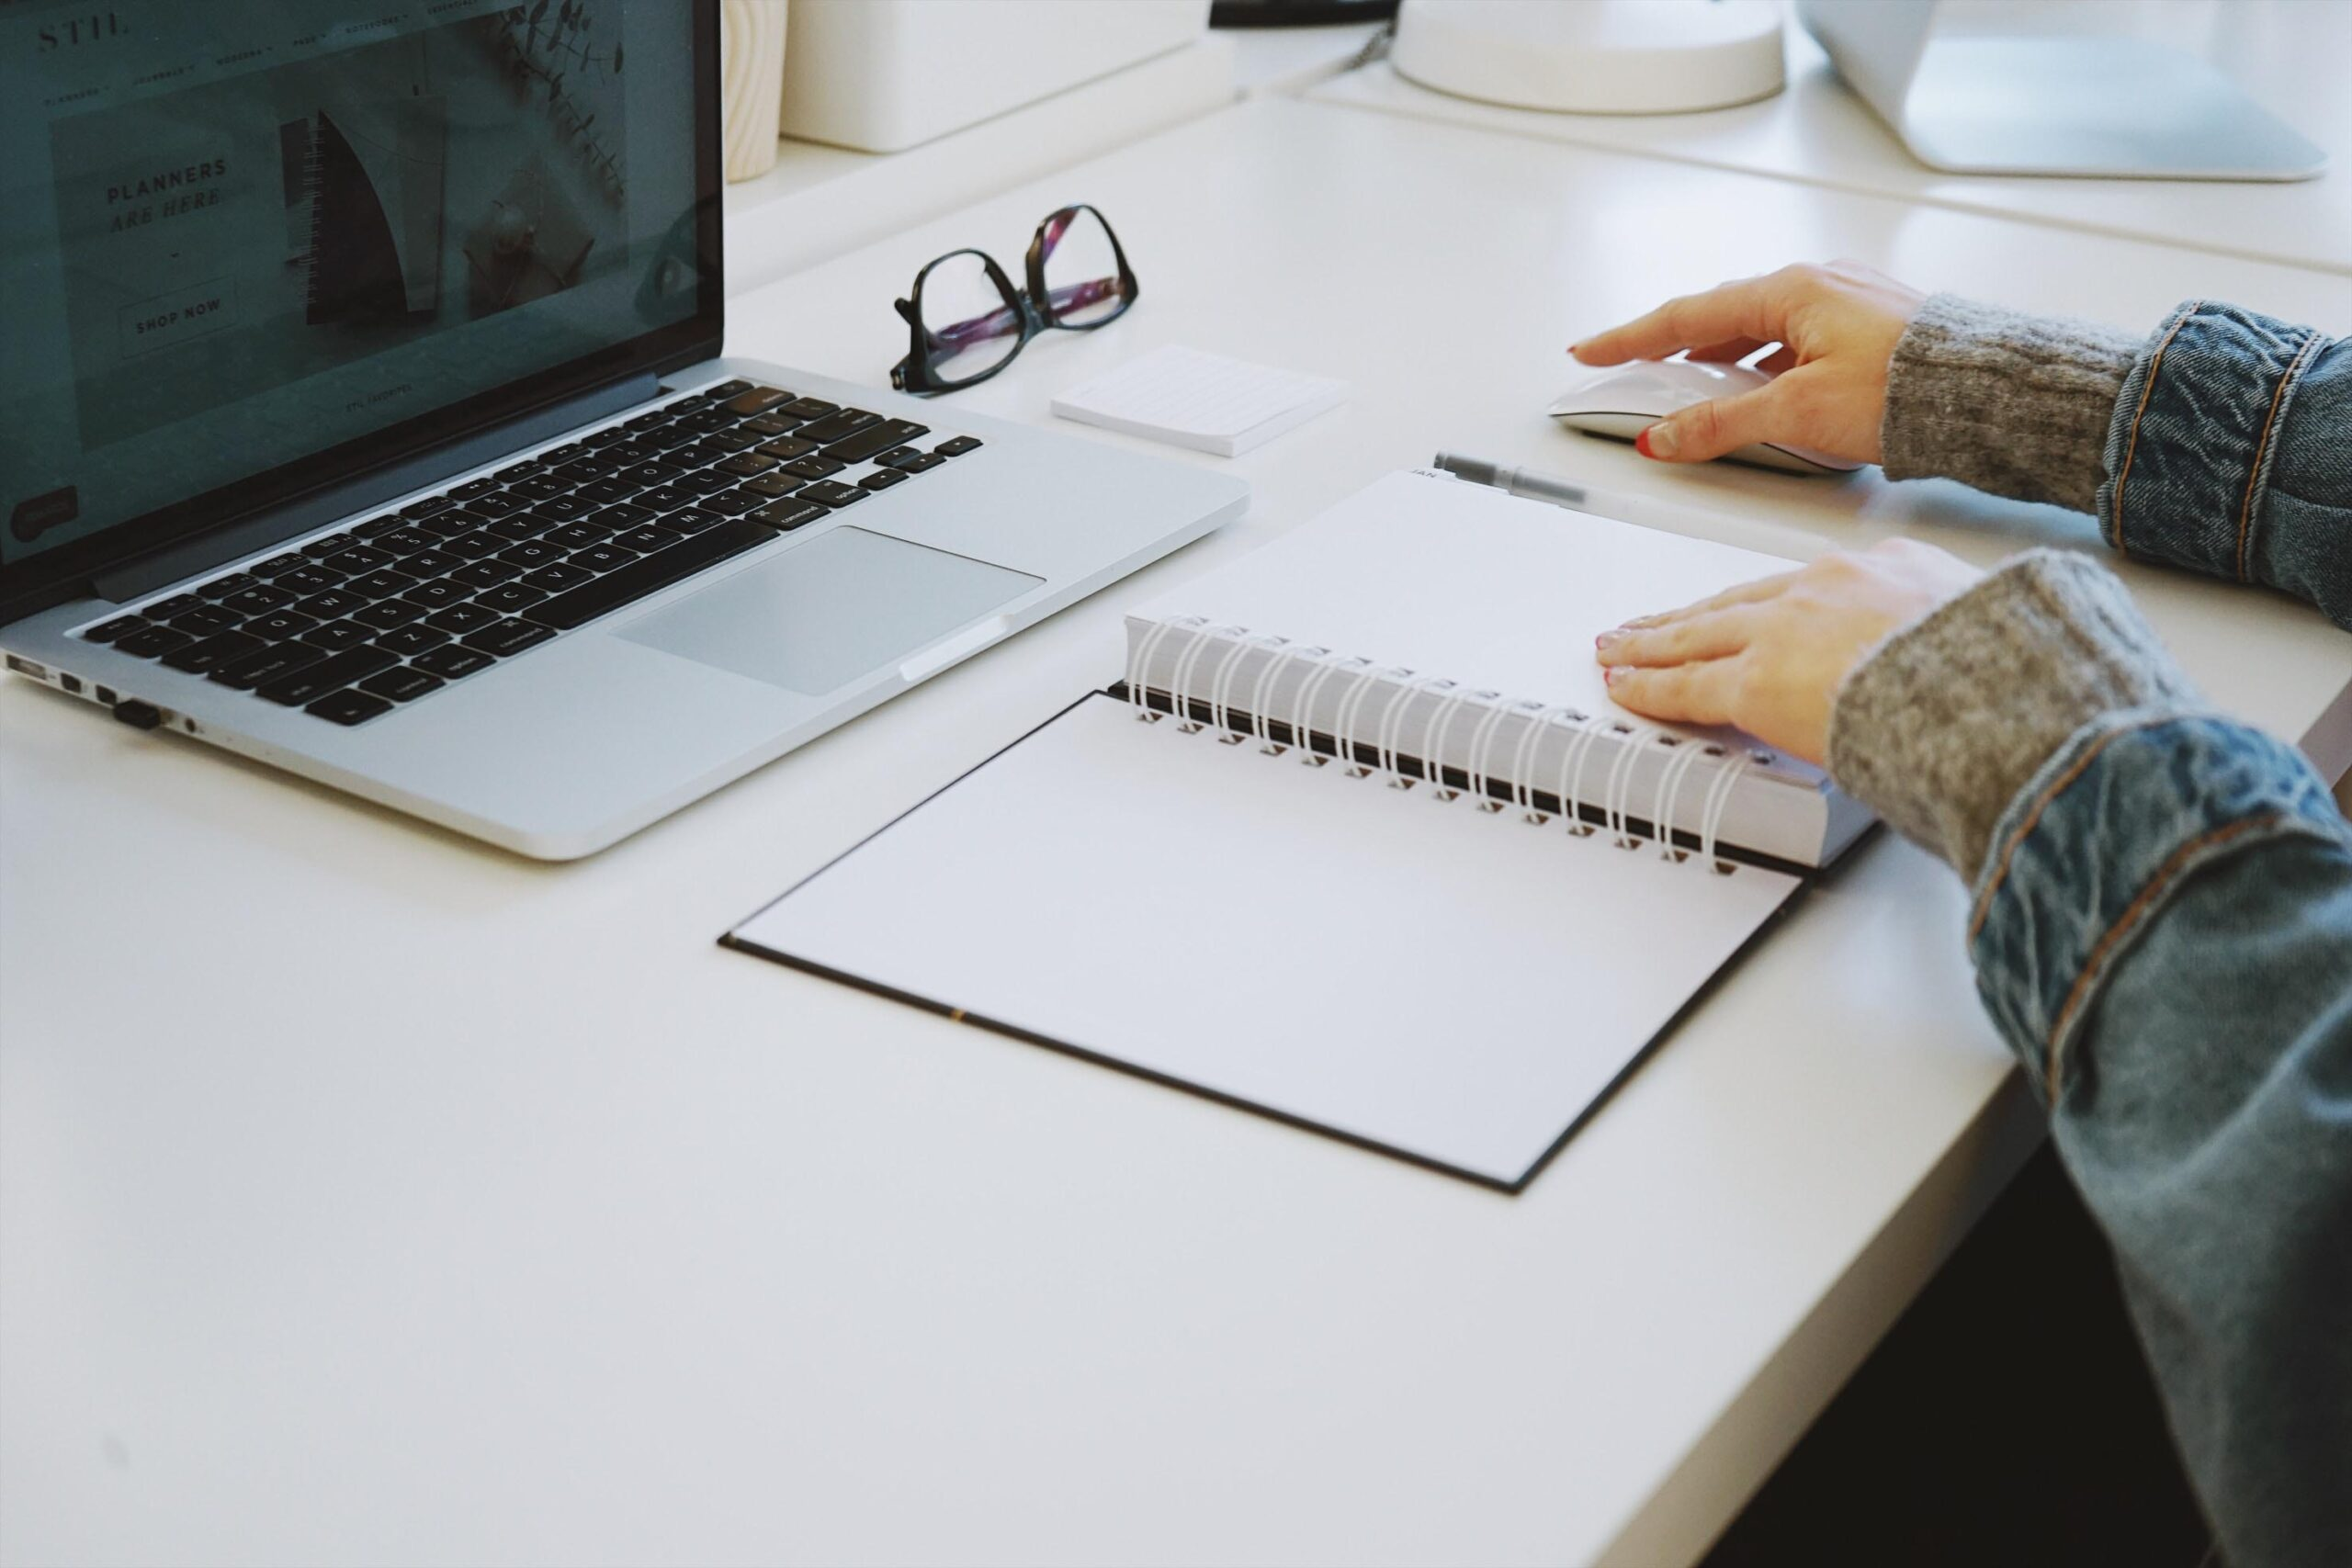 ノートパソコンやノートブックを使ってオンラインで学習している女性